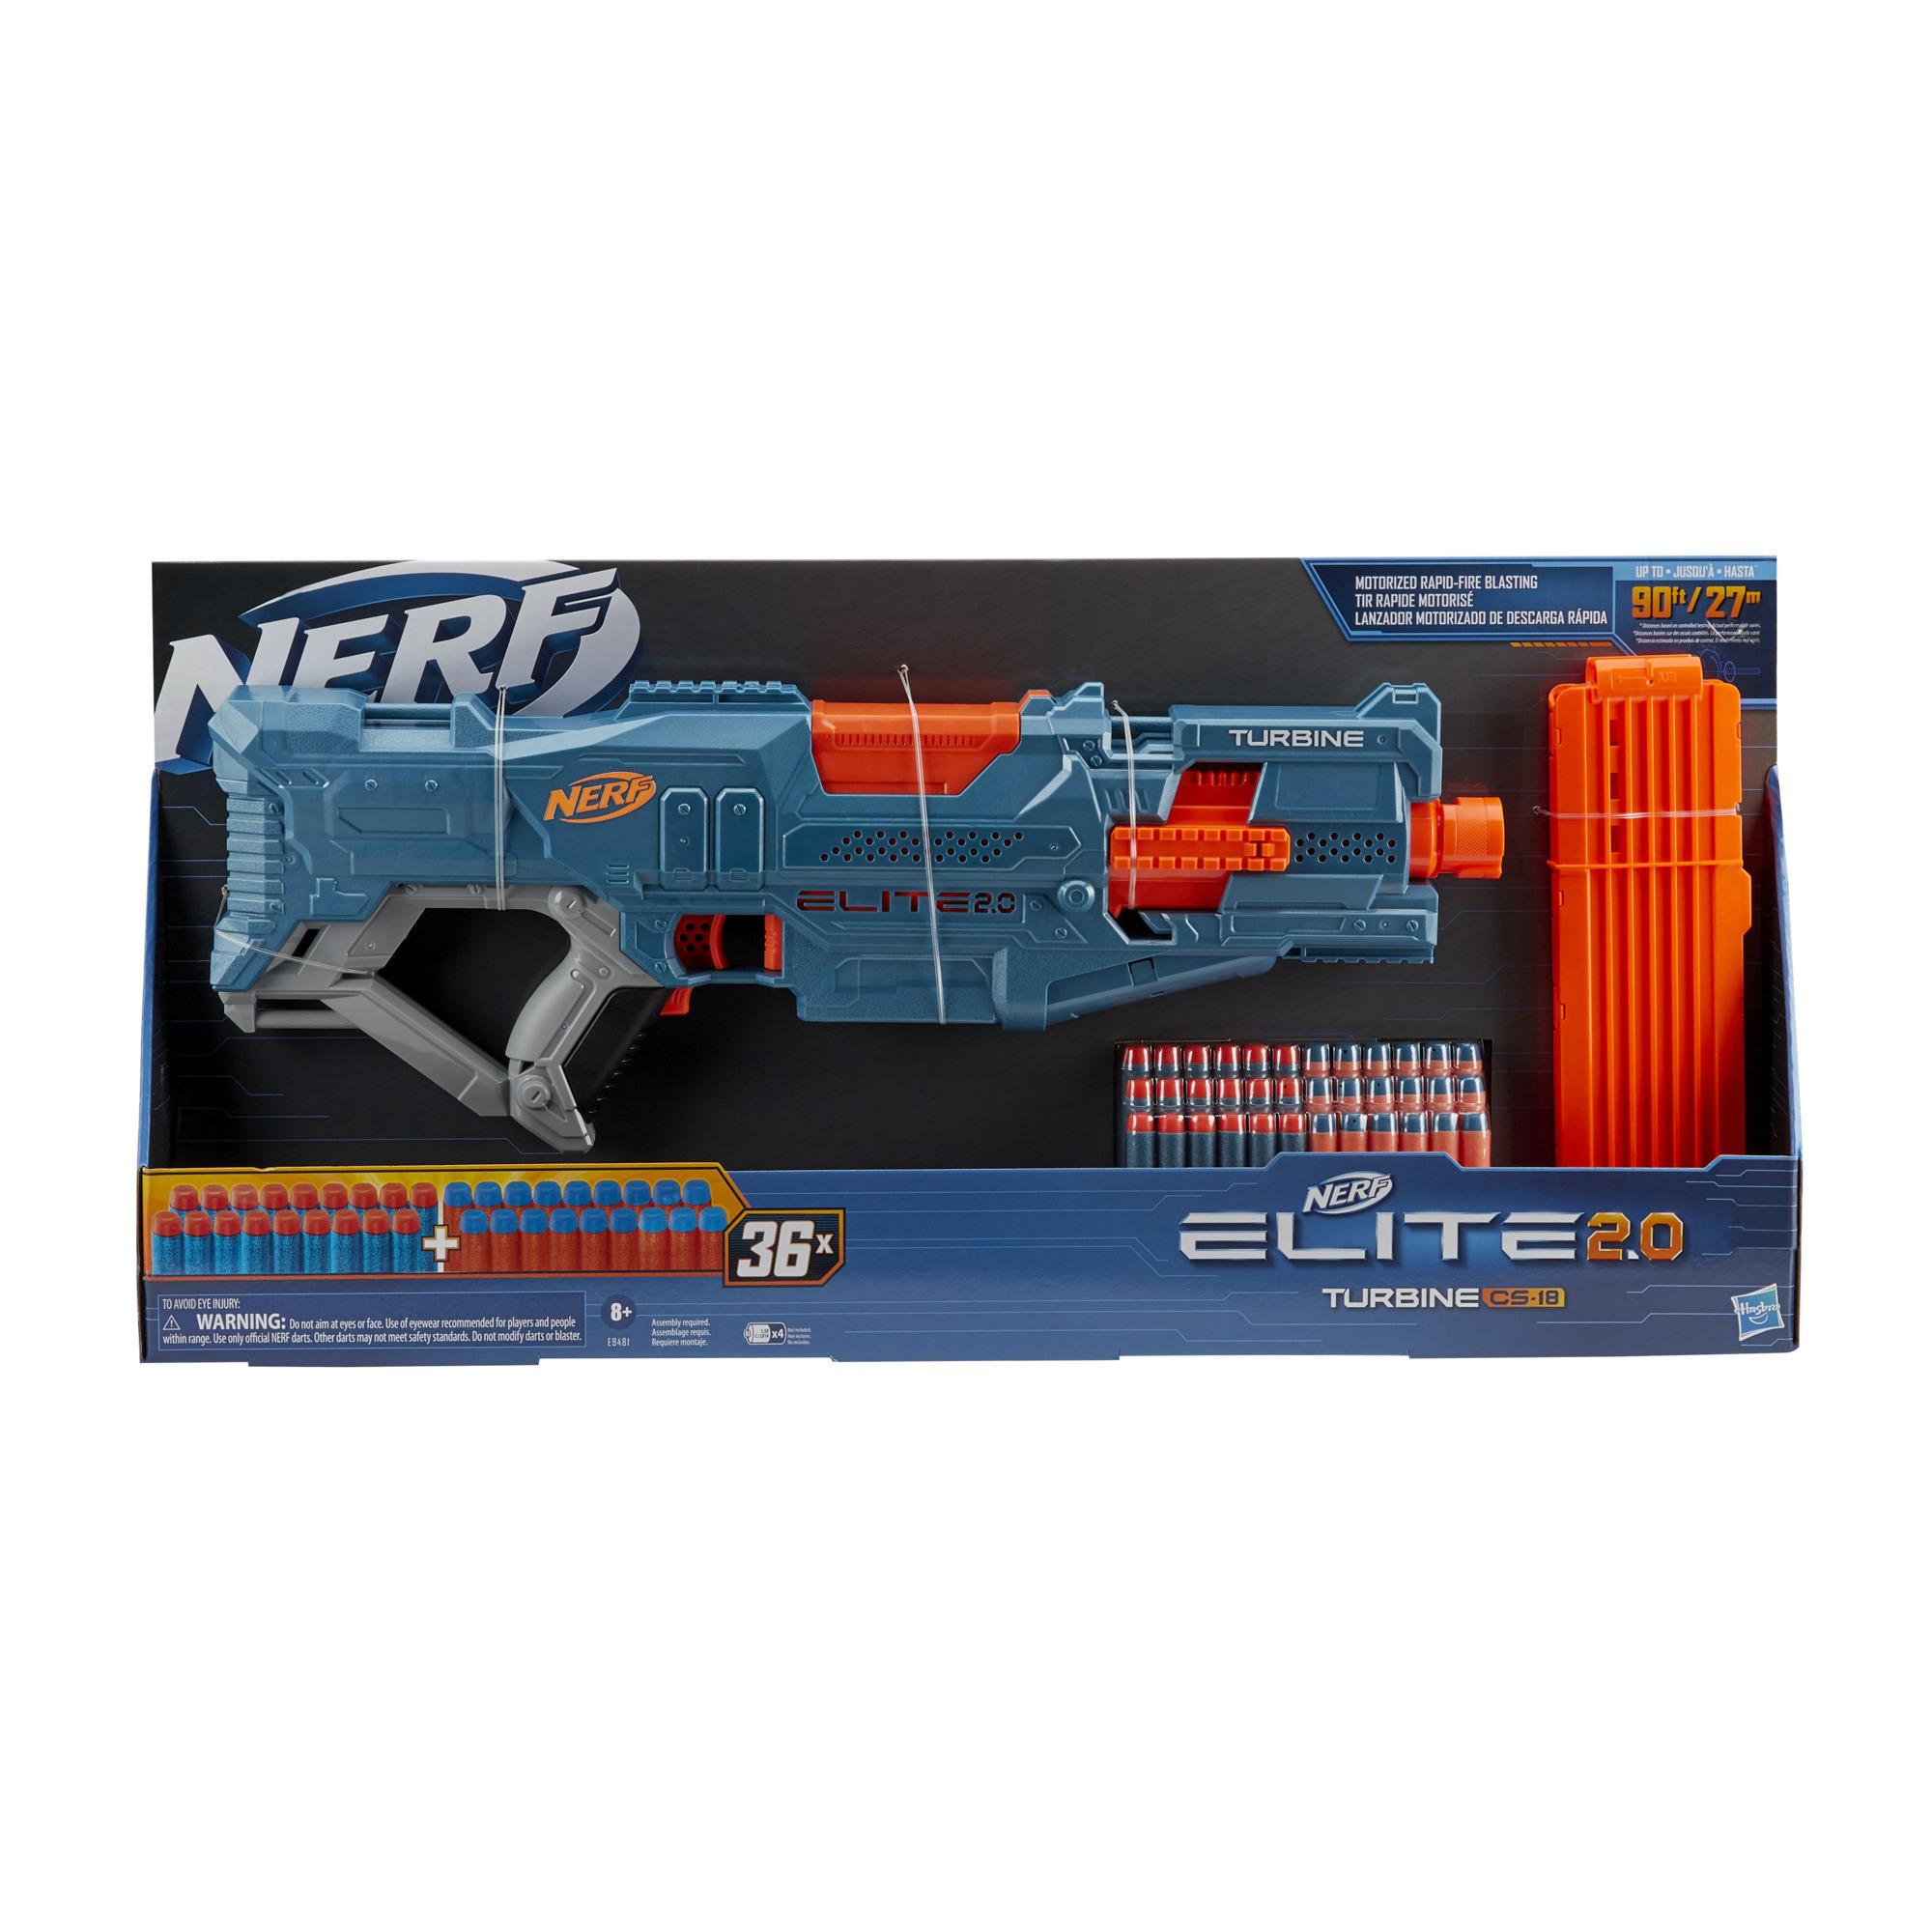 Nerf Elite 2.0 Turbine CS-18 gemotoriseerde blaster, 36 Nerf-darts, magazijn voor 18 darts, ingebouwde aanpassingsmogelijkheden